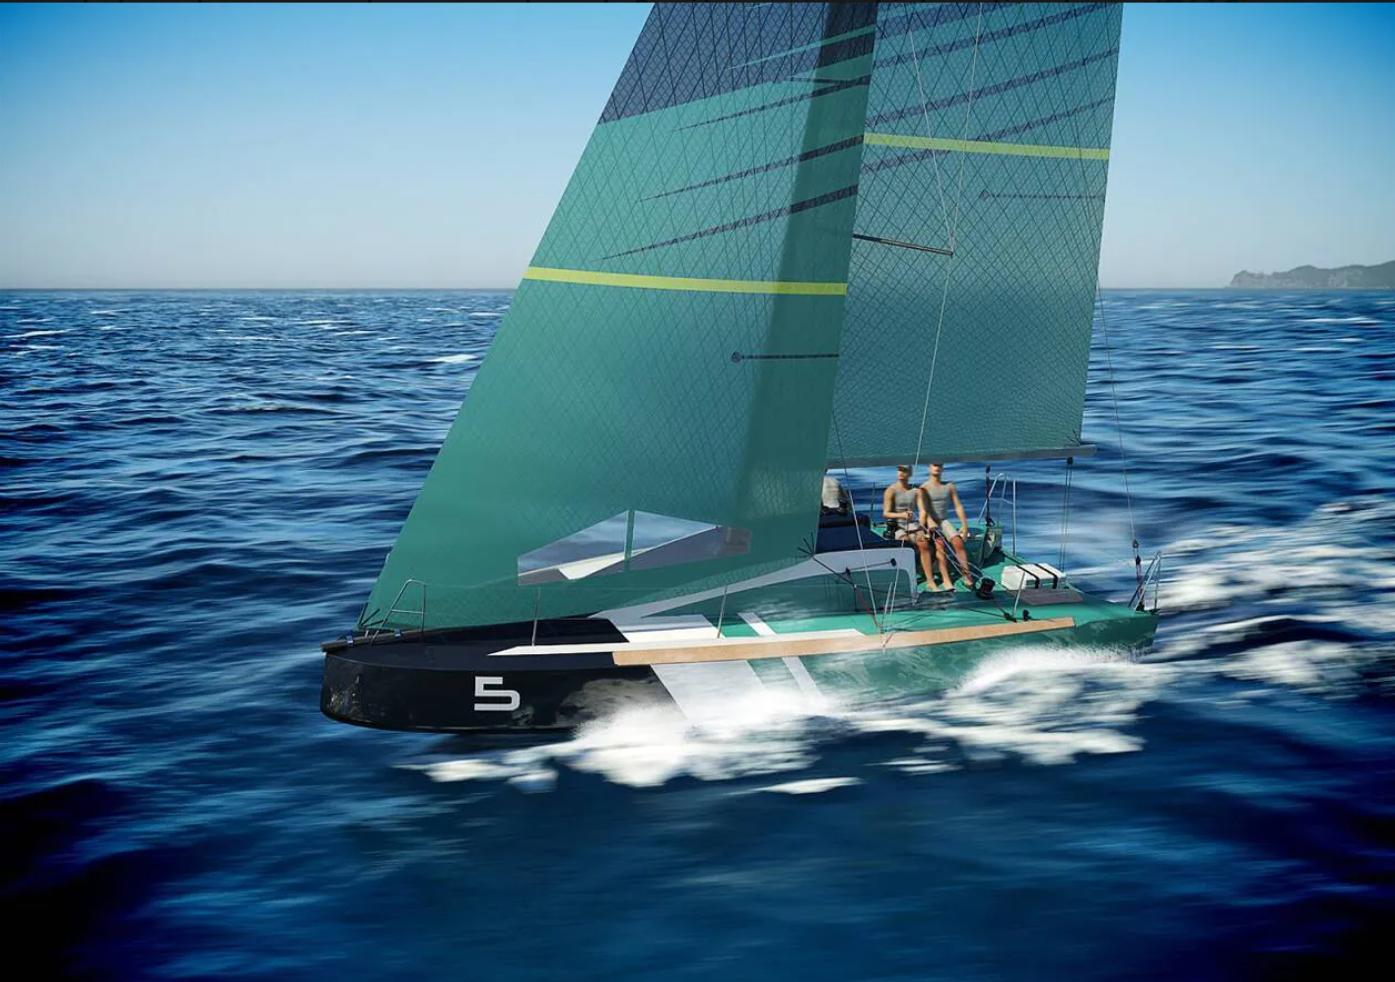 Une image contenant eau, ciel, extérieur, bateau  Description générée automatiquement